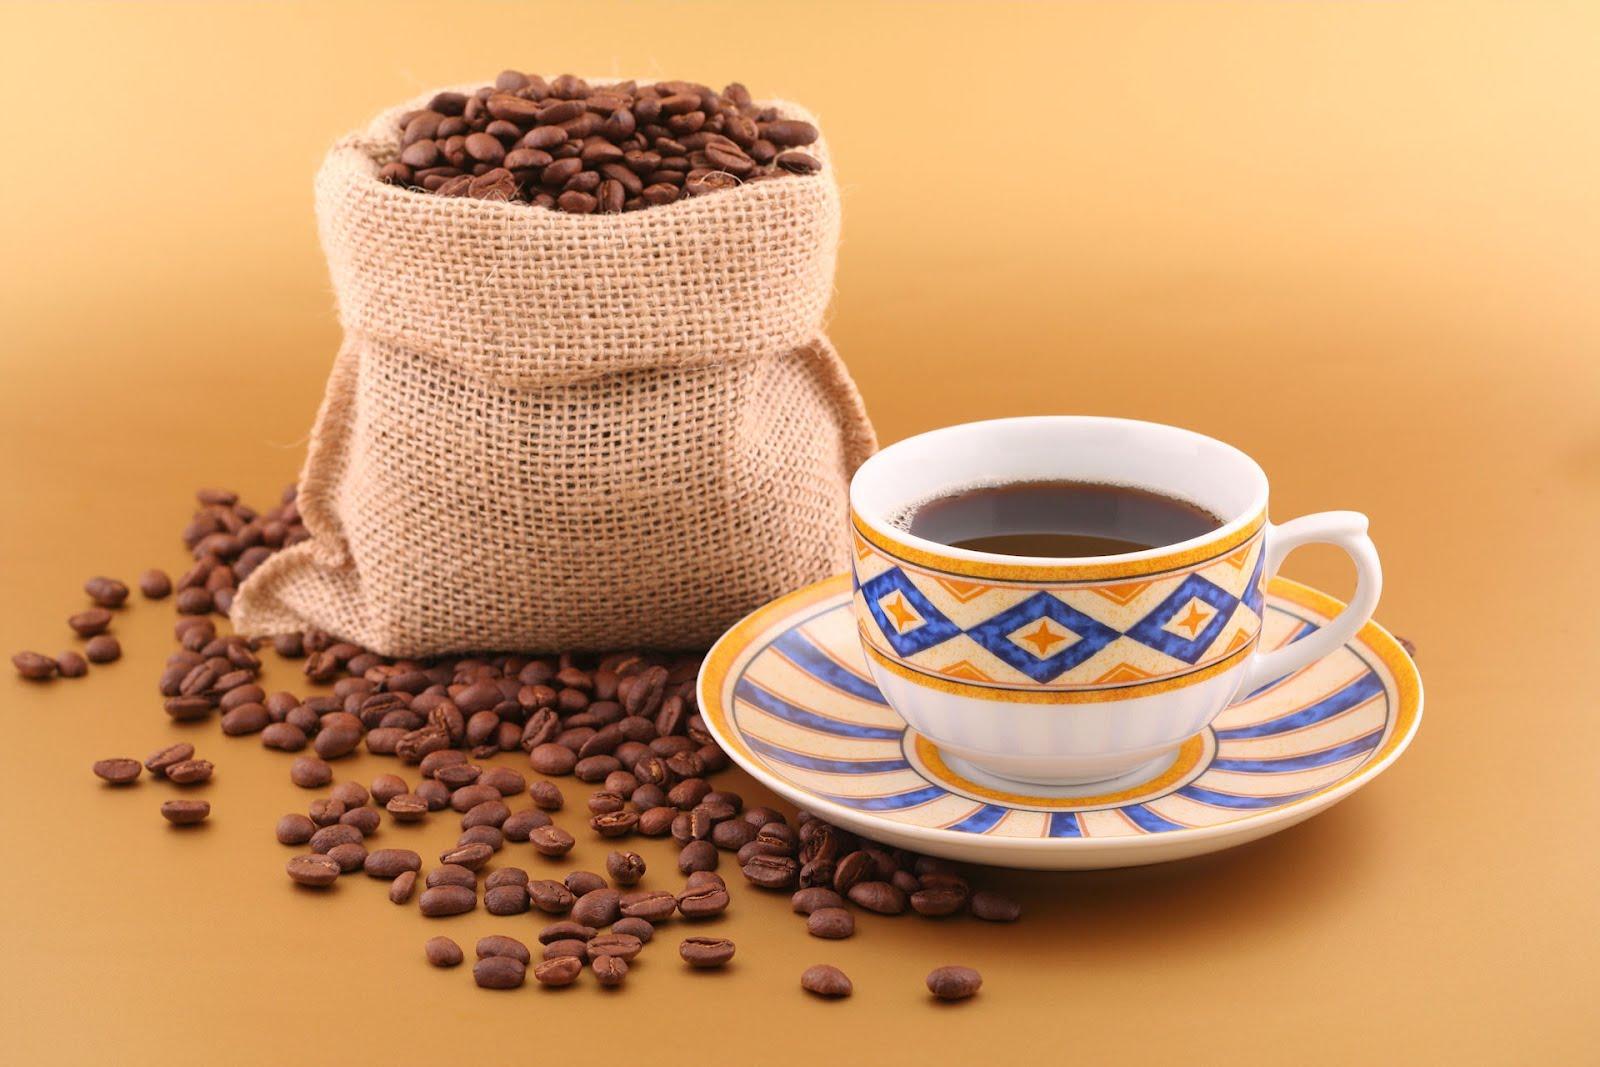 Taza de cafe 1600px for Tazas para cafe espresso